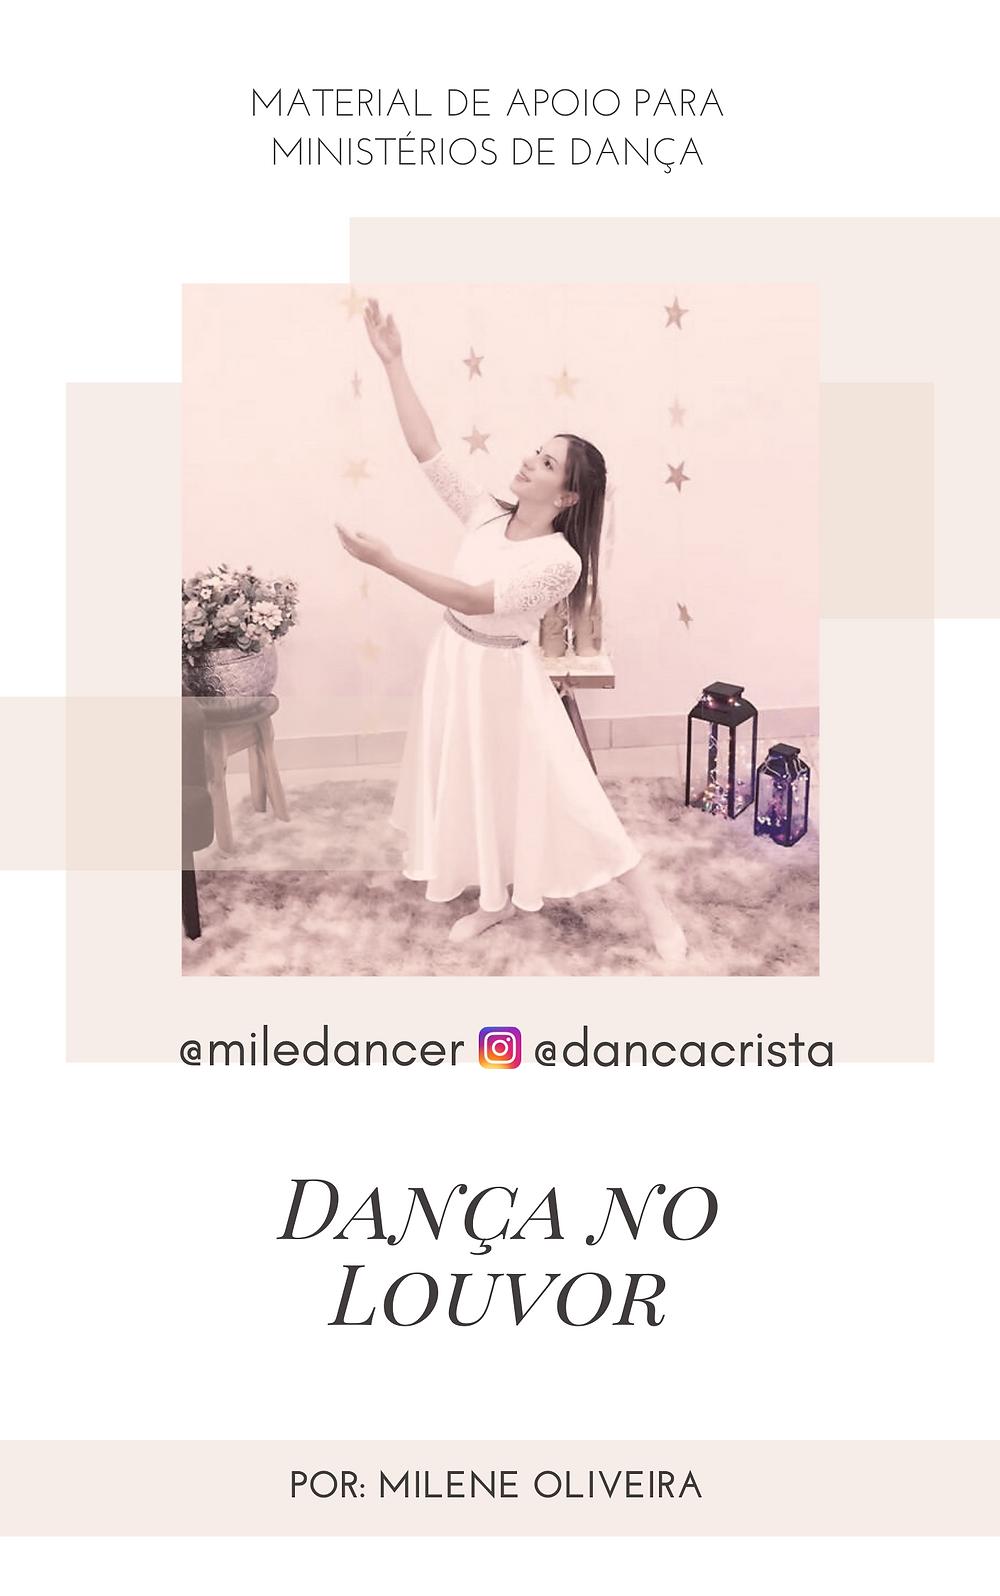 Apostila e estudos grátis para ministério de dança, dança cristã, Milene Oliveira, Ebook Grátis Dança no Louvor